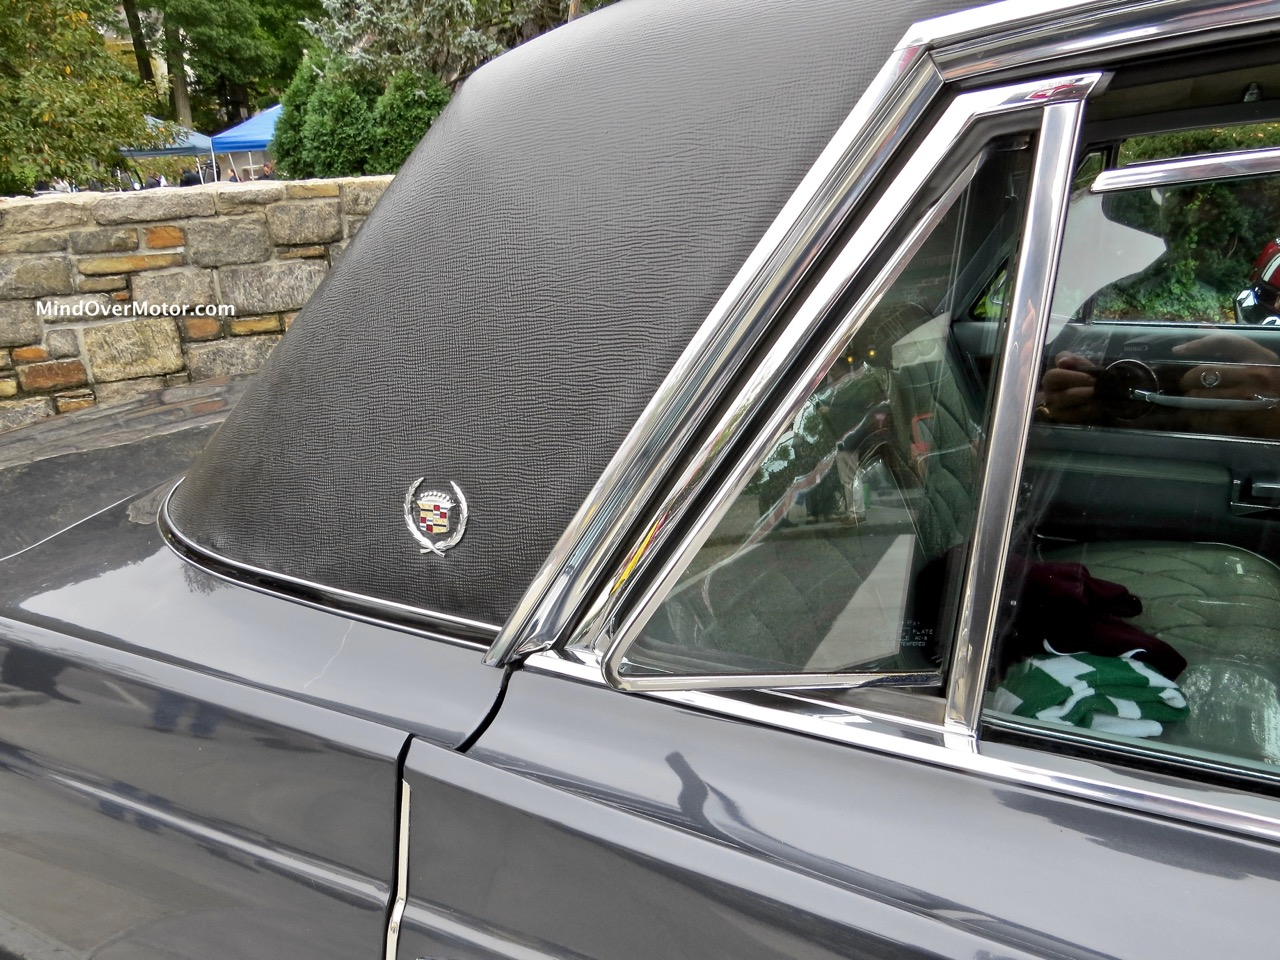 1964 Fleetwood Rear Quarter Window